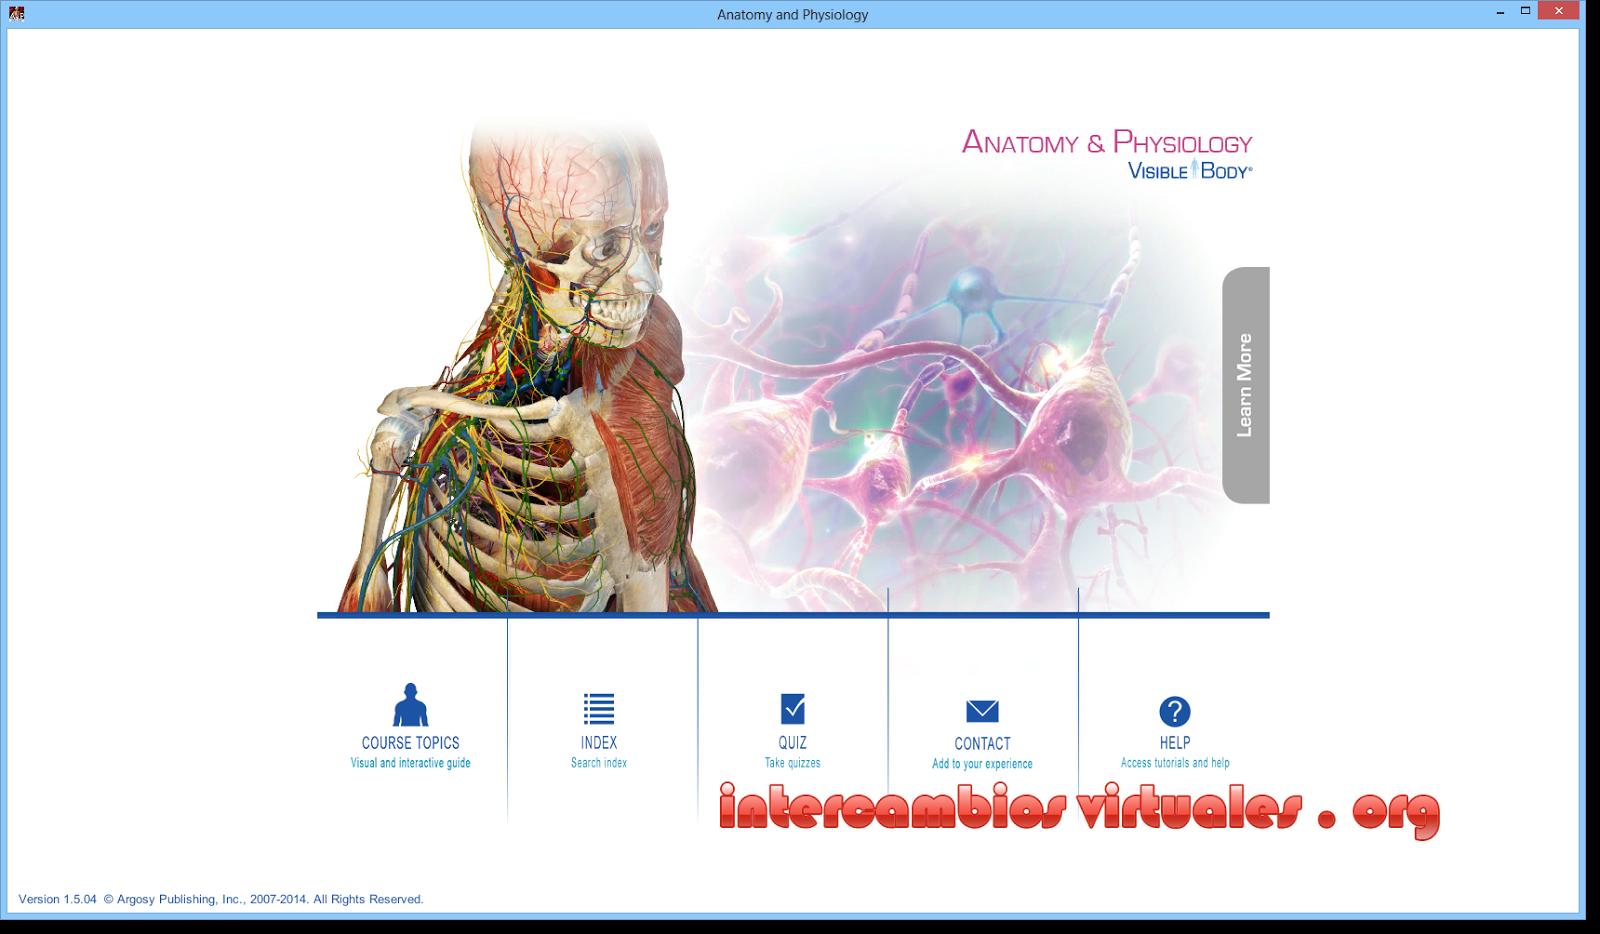 Anatomy & Physiology 2014 v1.5.04, Amplia Gama de Modelos 3D de la ...